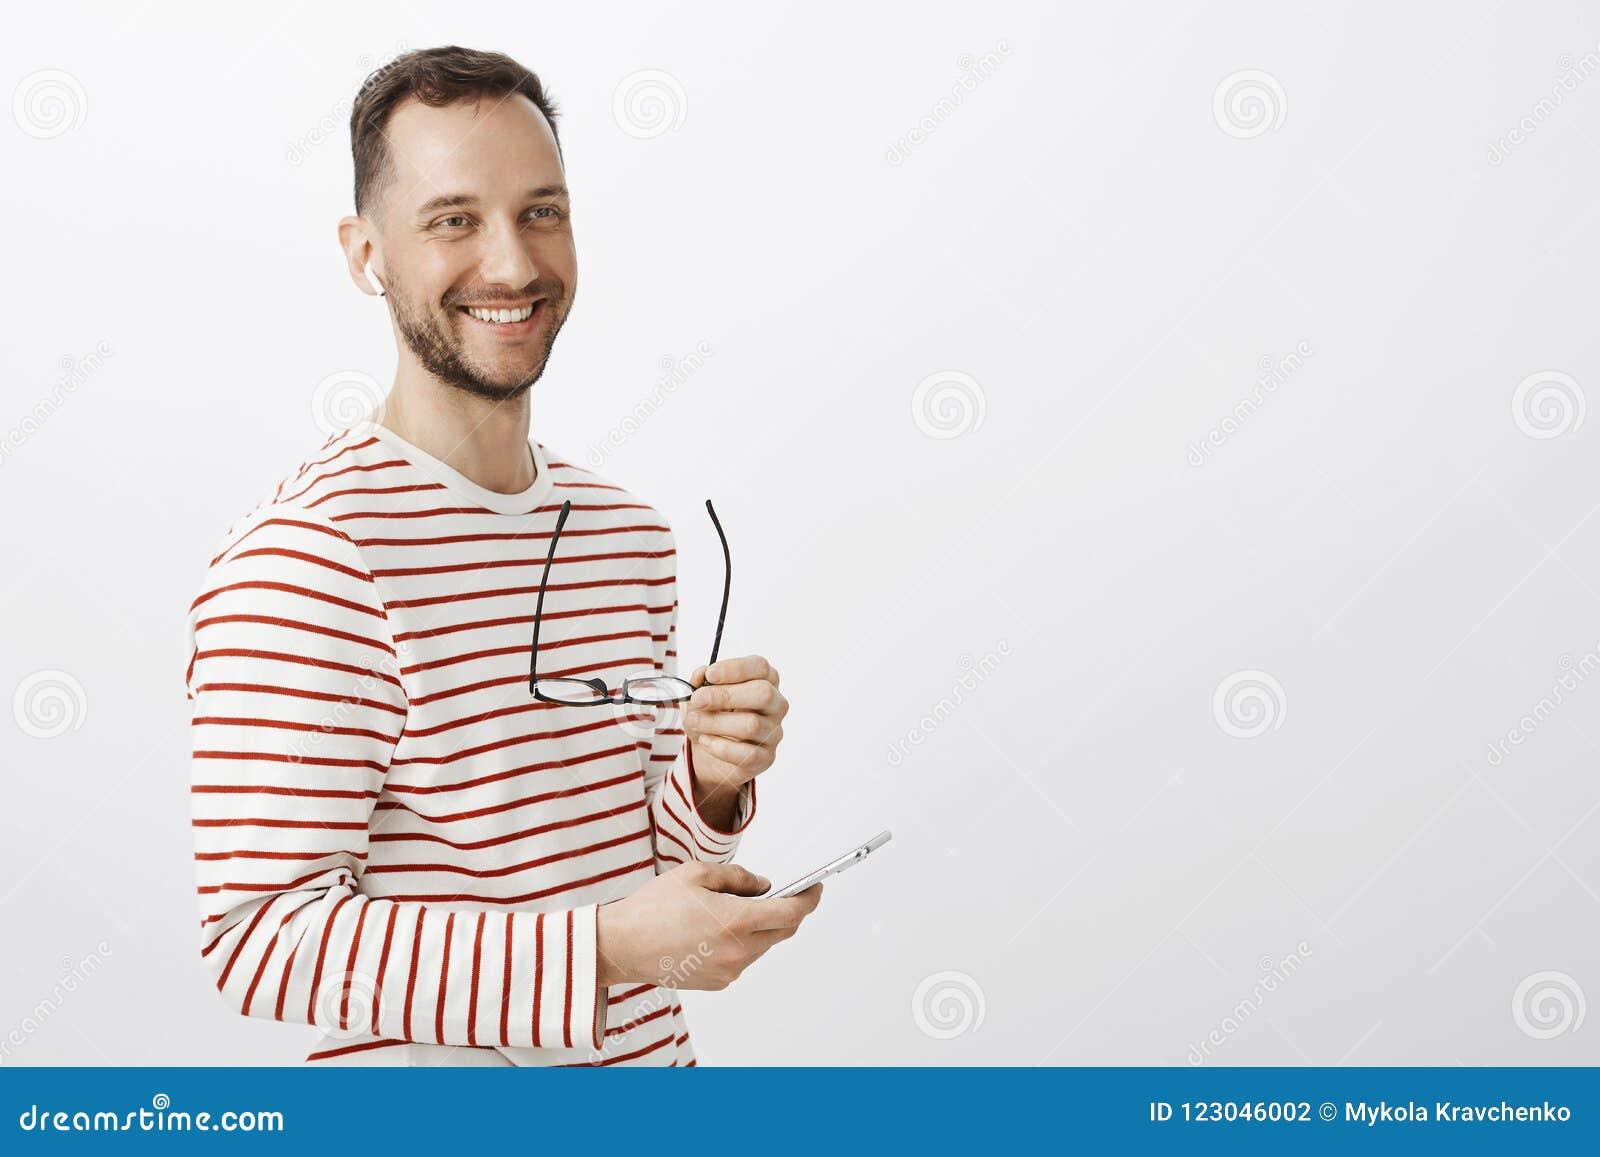 Θετικός επιτυχής αρσενικός επιχειρηματίας, που βγάζει τα γυαλιά, κοιτάζοντας κατά μέρος και φιλική, μουσική επιλογής χαμόγελου γι